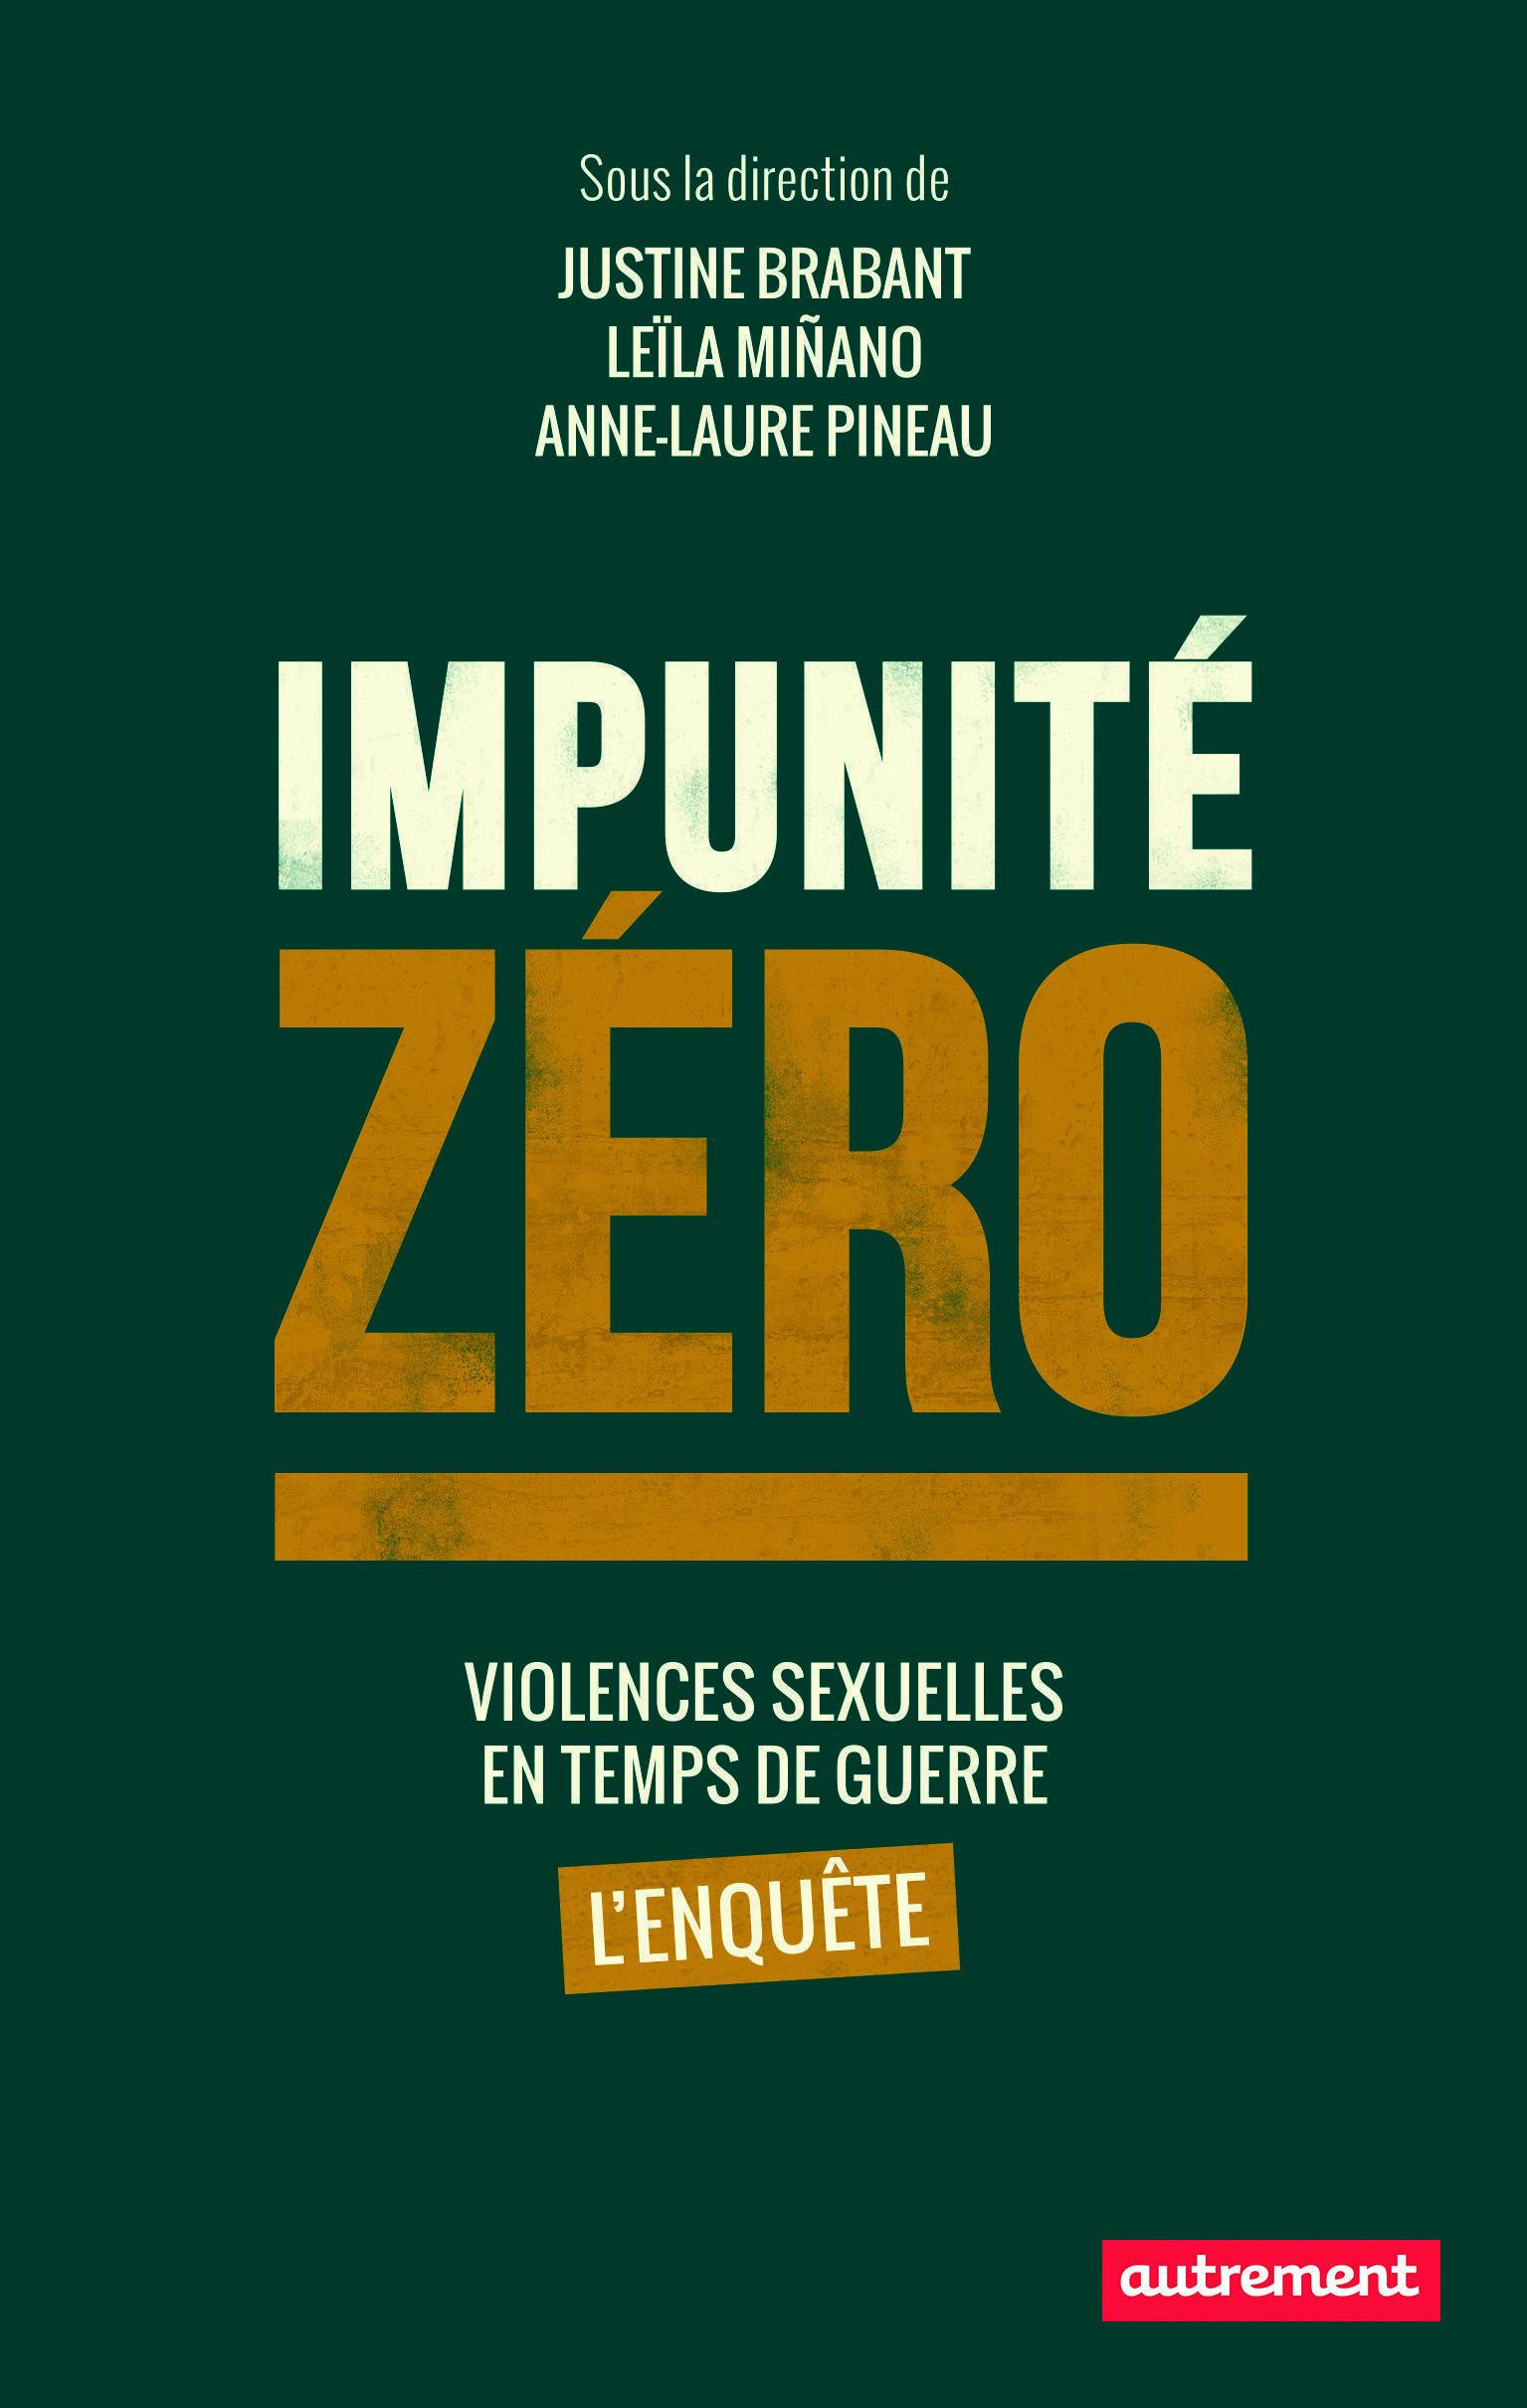 Impunité zéro est la version livre d'un projet transmédia sur les violences sexuelles en temps de guerre et leurs suites judiciaires.